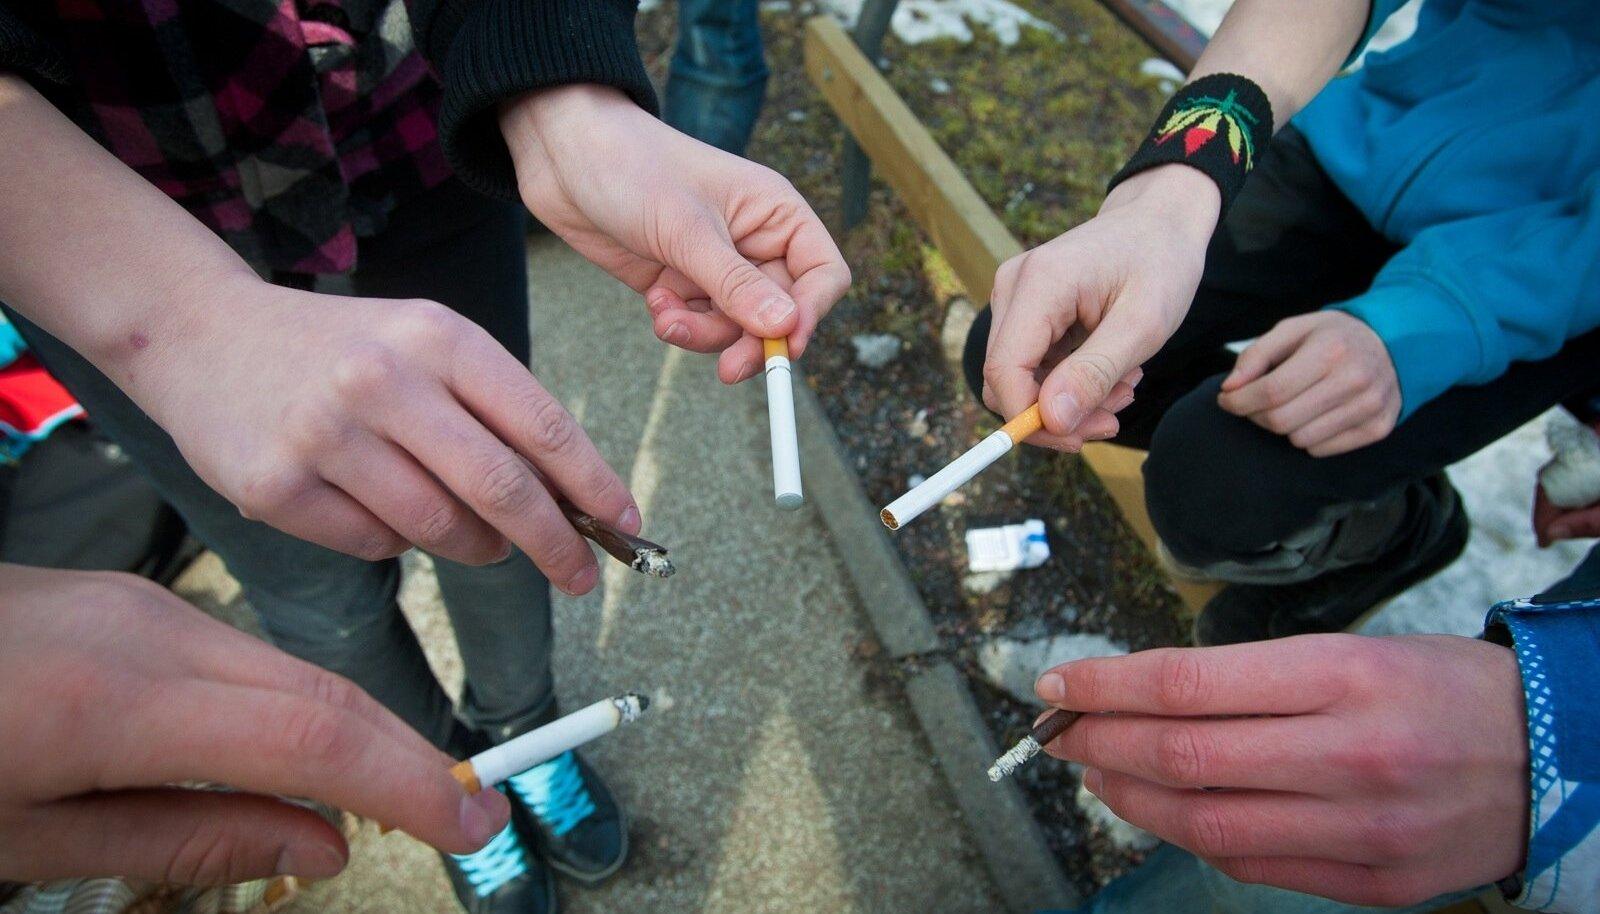 Eesti lapsed suitsetavad varem kui Euroopas keskmiselt